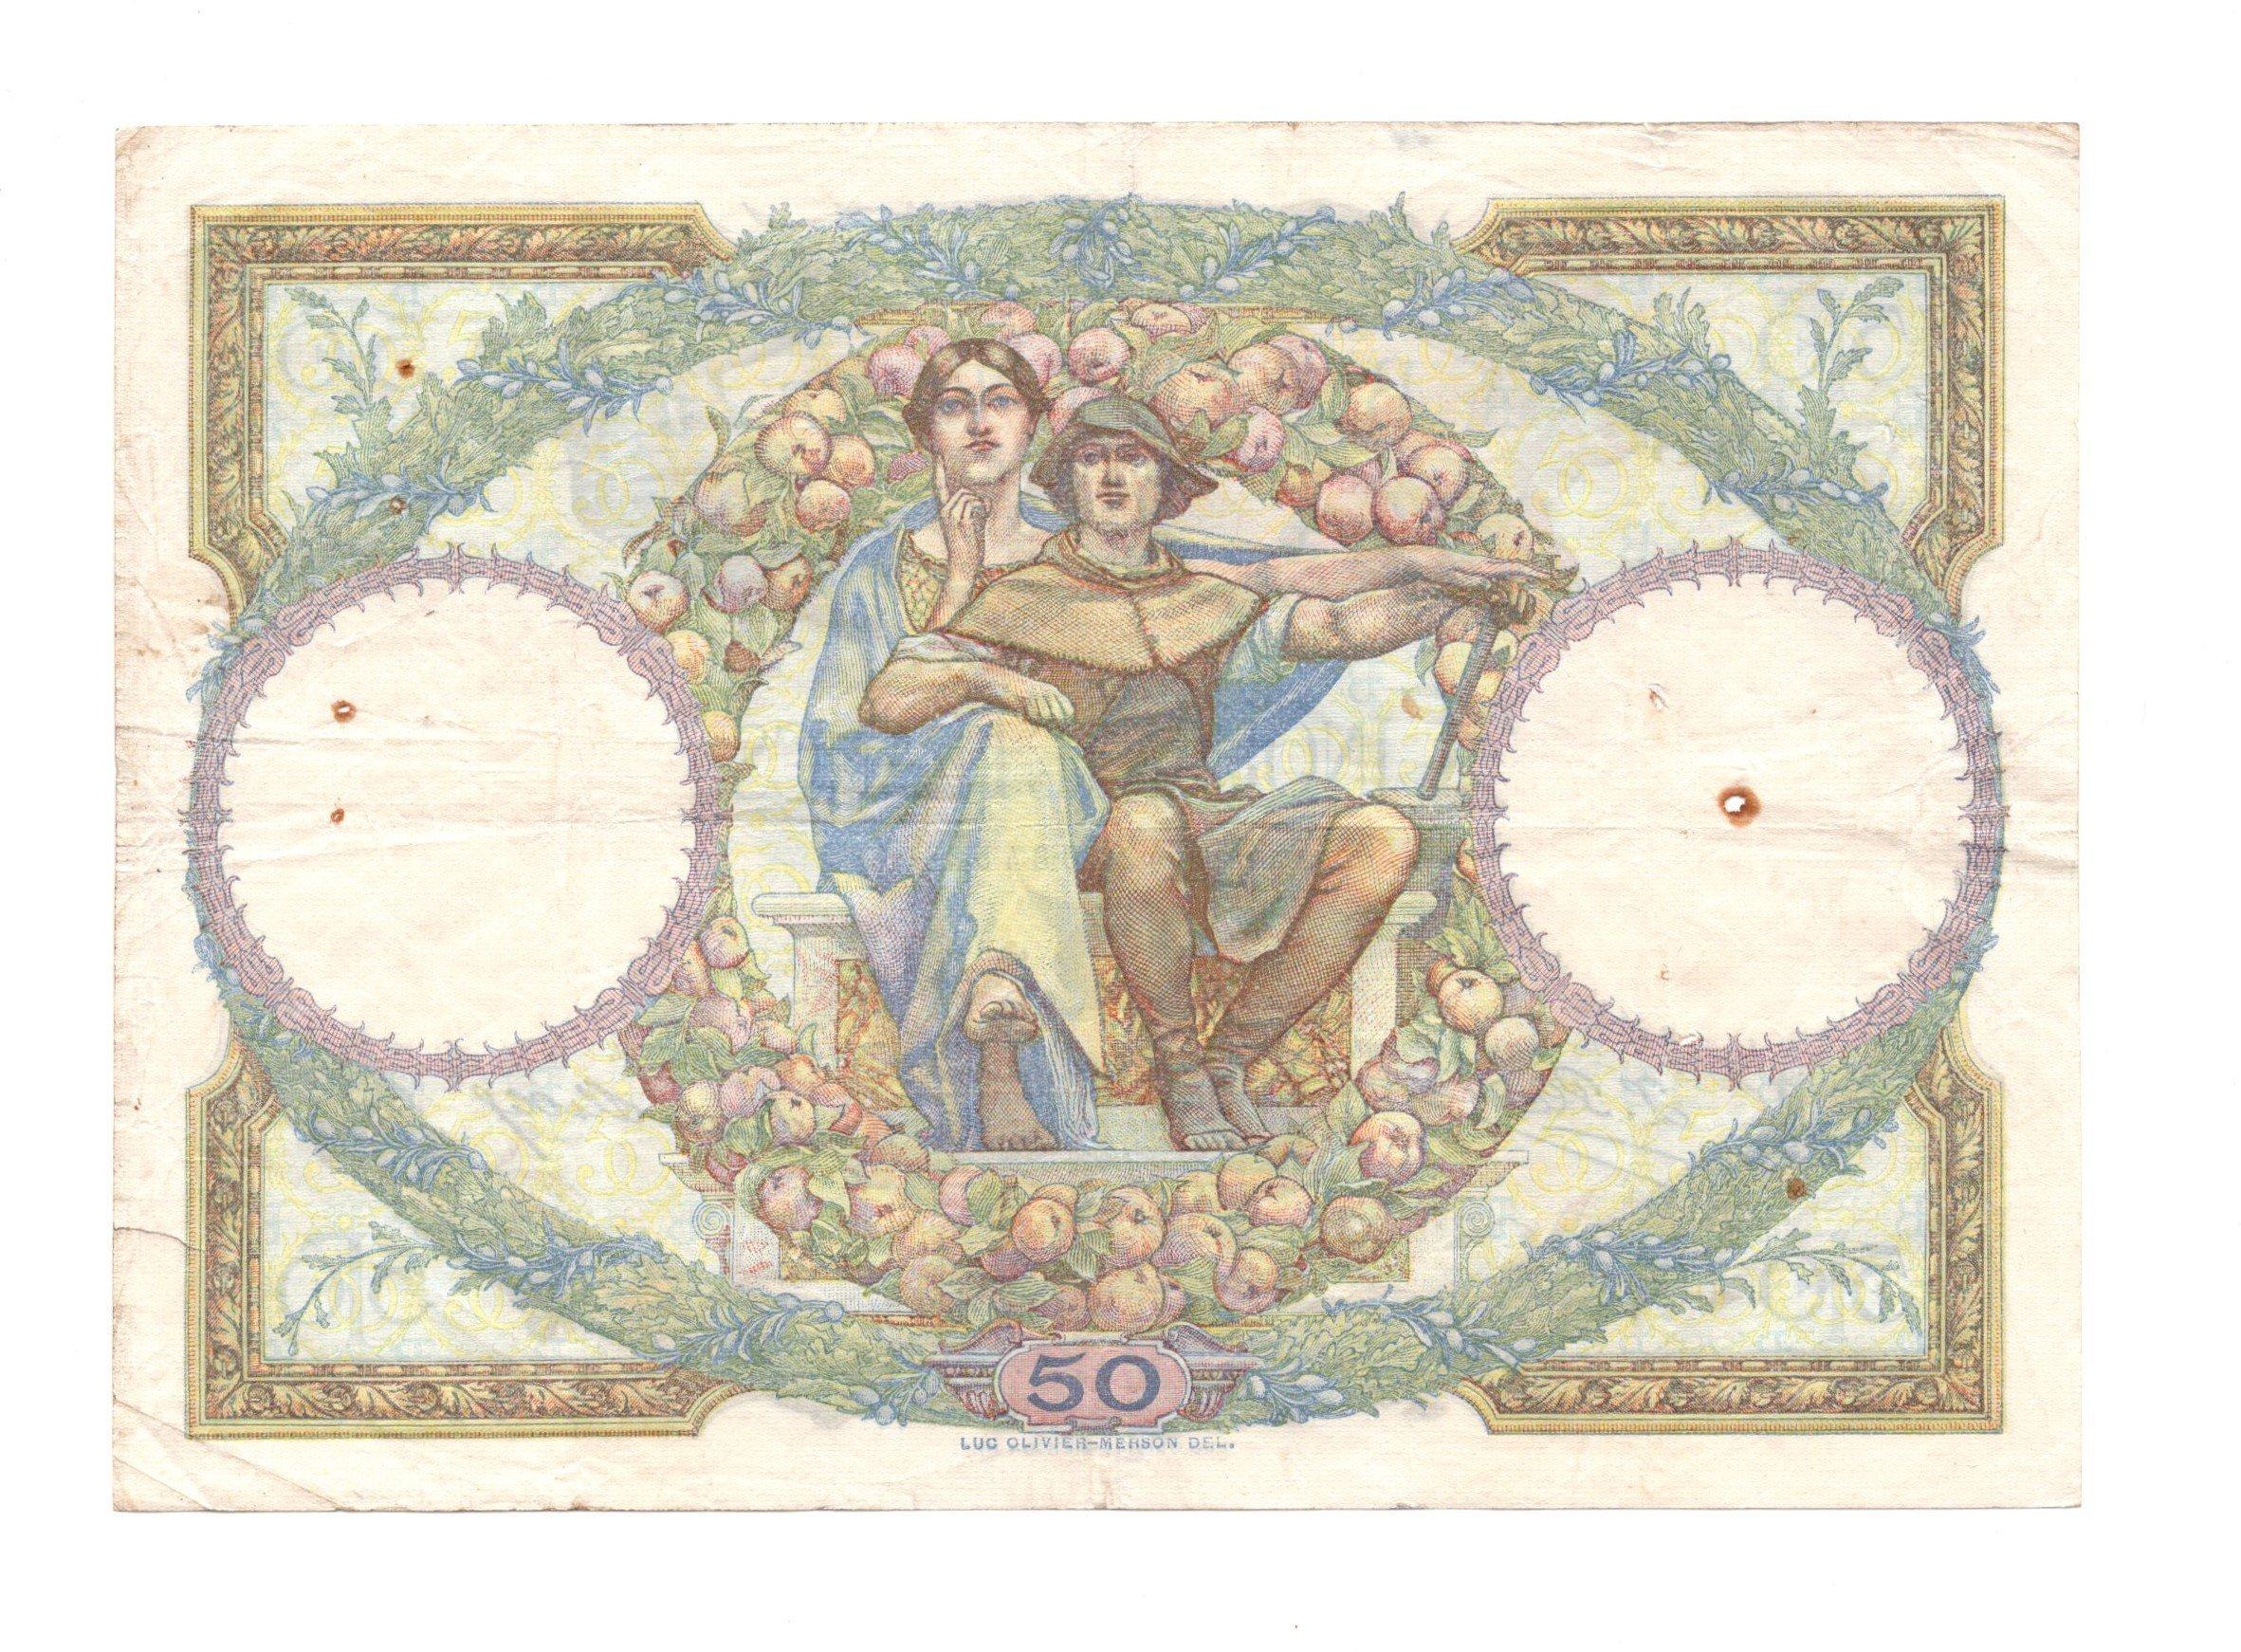 France 50 francs 1927